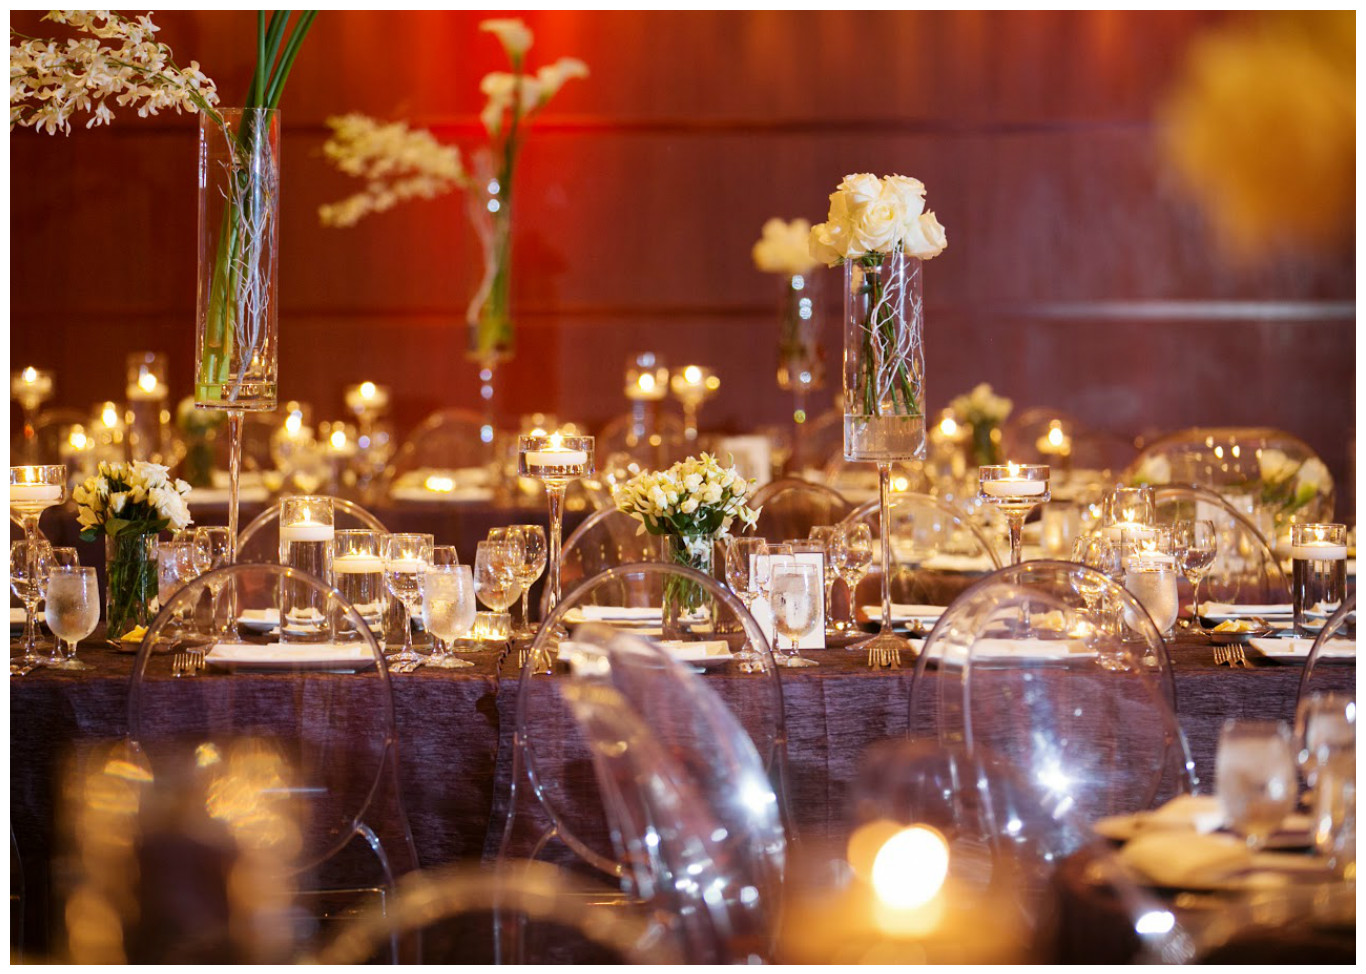 Floral Arrangement Event Decor Centerpiece | BBJ Linen